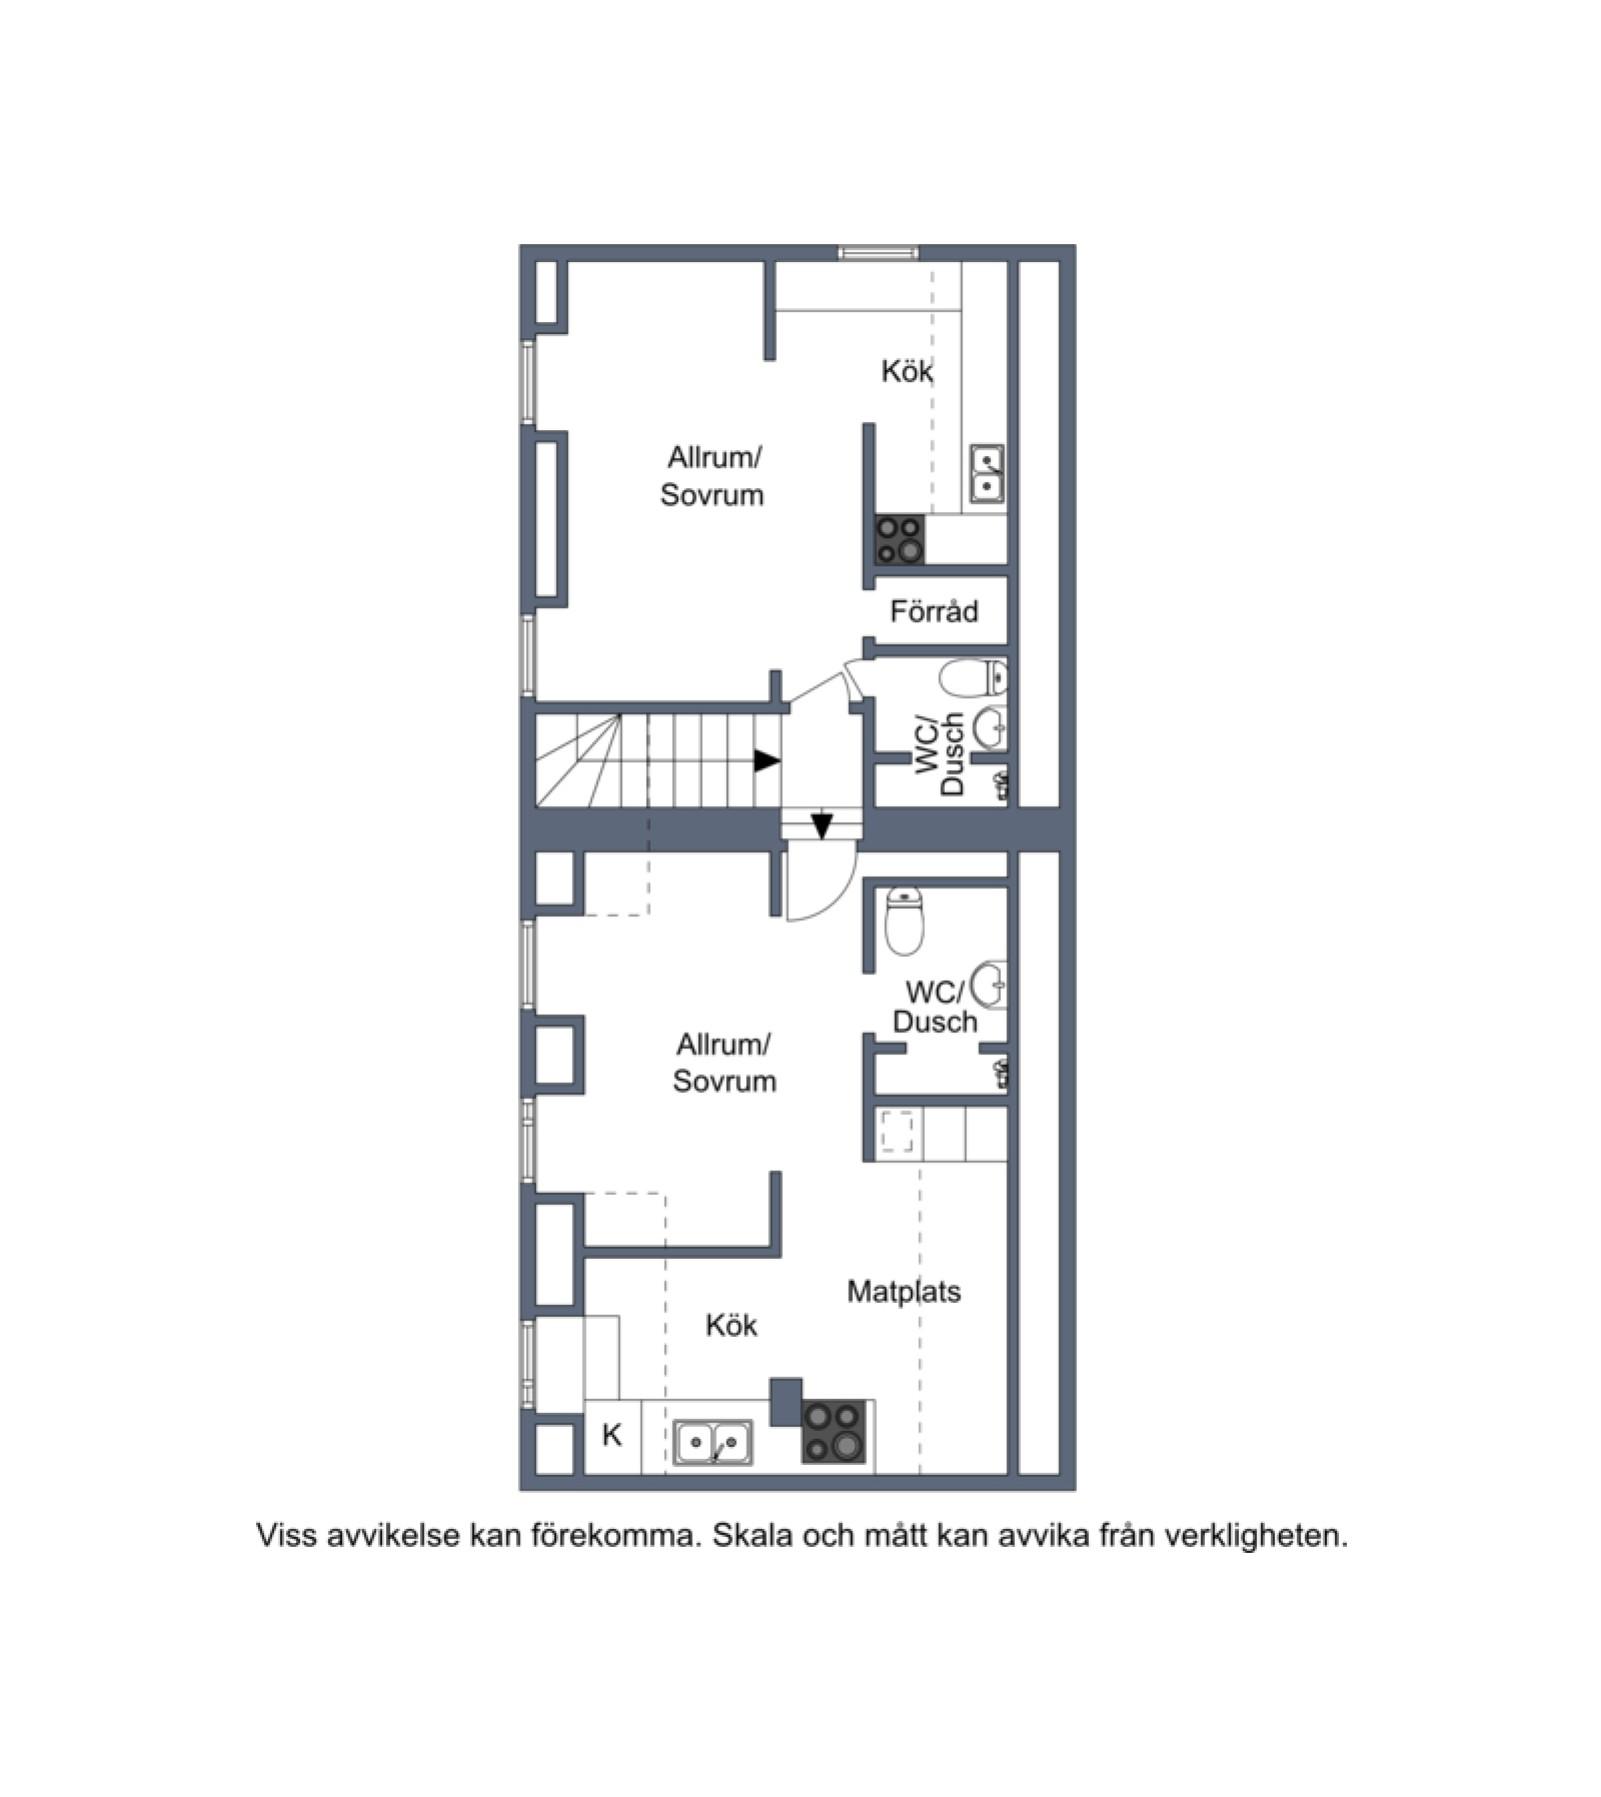 Övre plan gårdshus Vårdklockegatan 6 och 8